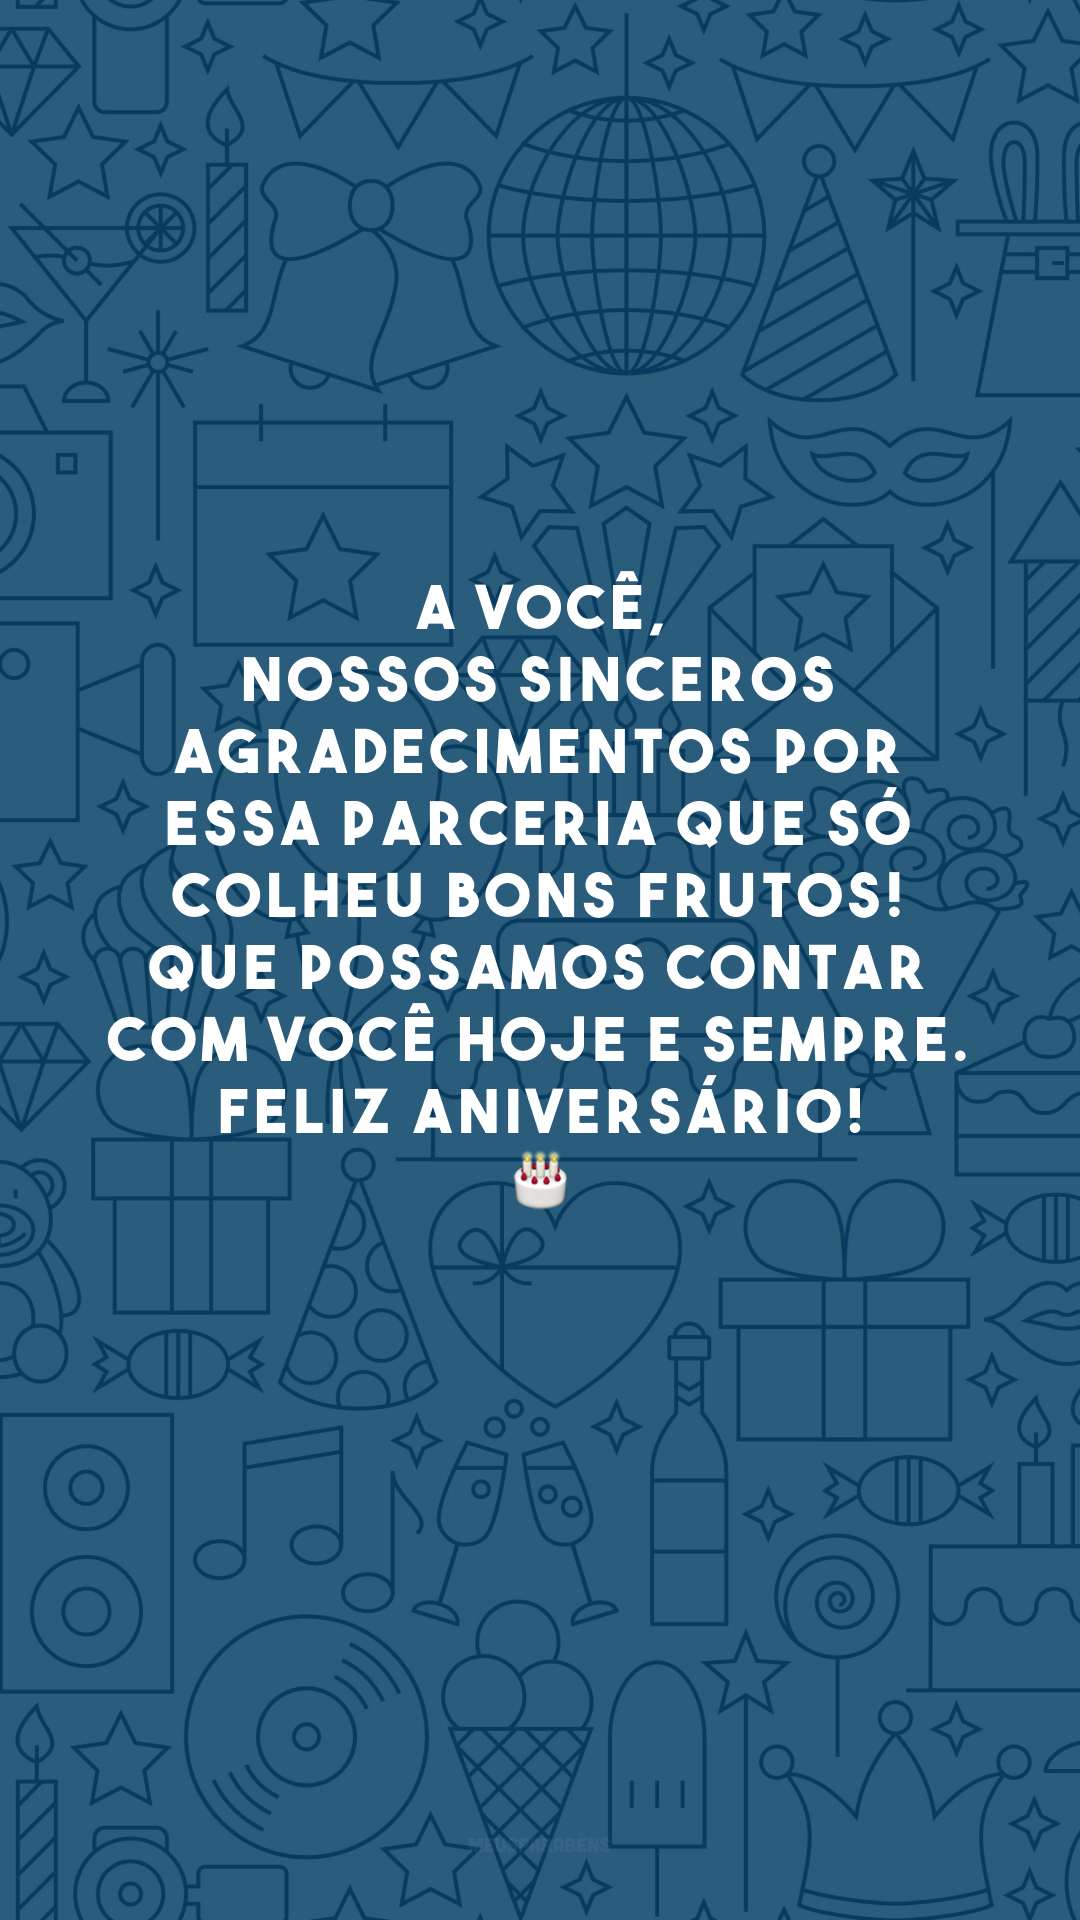 A você, nossos sinceros agradecimentos por essa parceria que só colheu bons frutos! Que possamos contar com você hoje e sempre. Feliz aniversário! 🎂